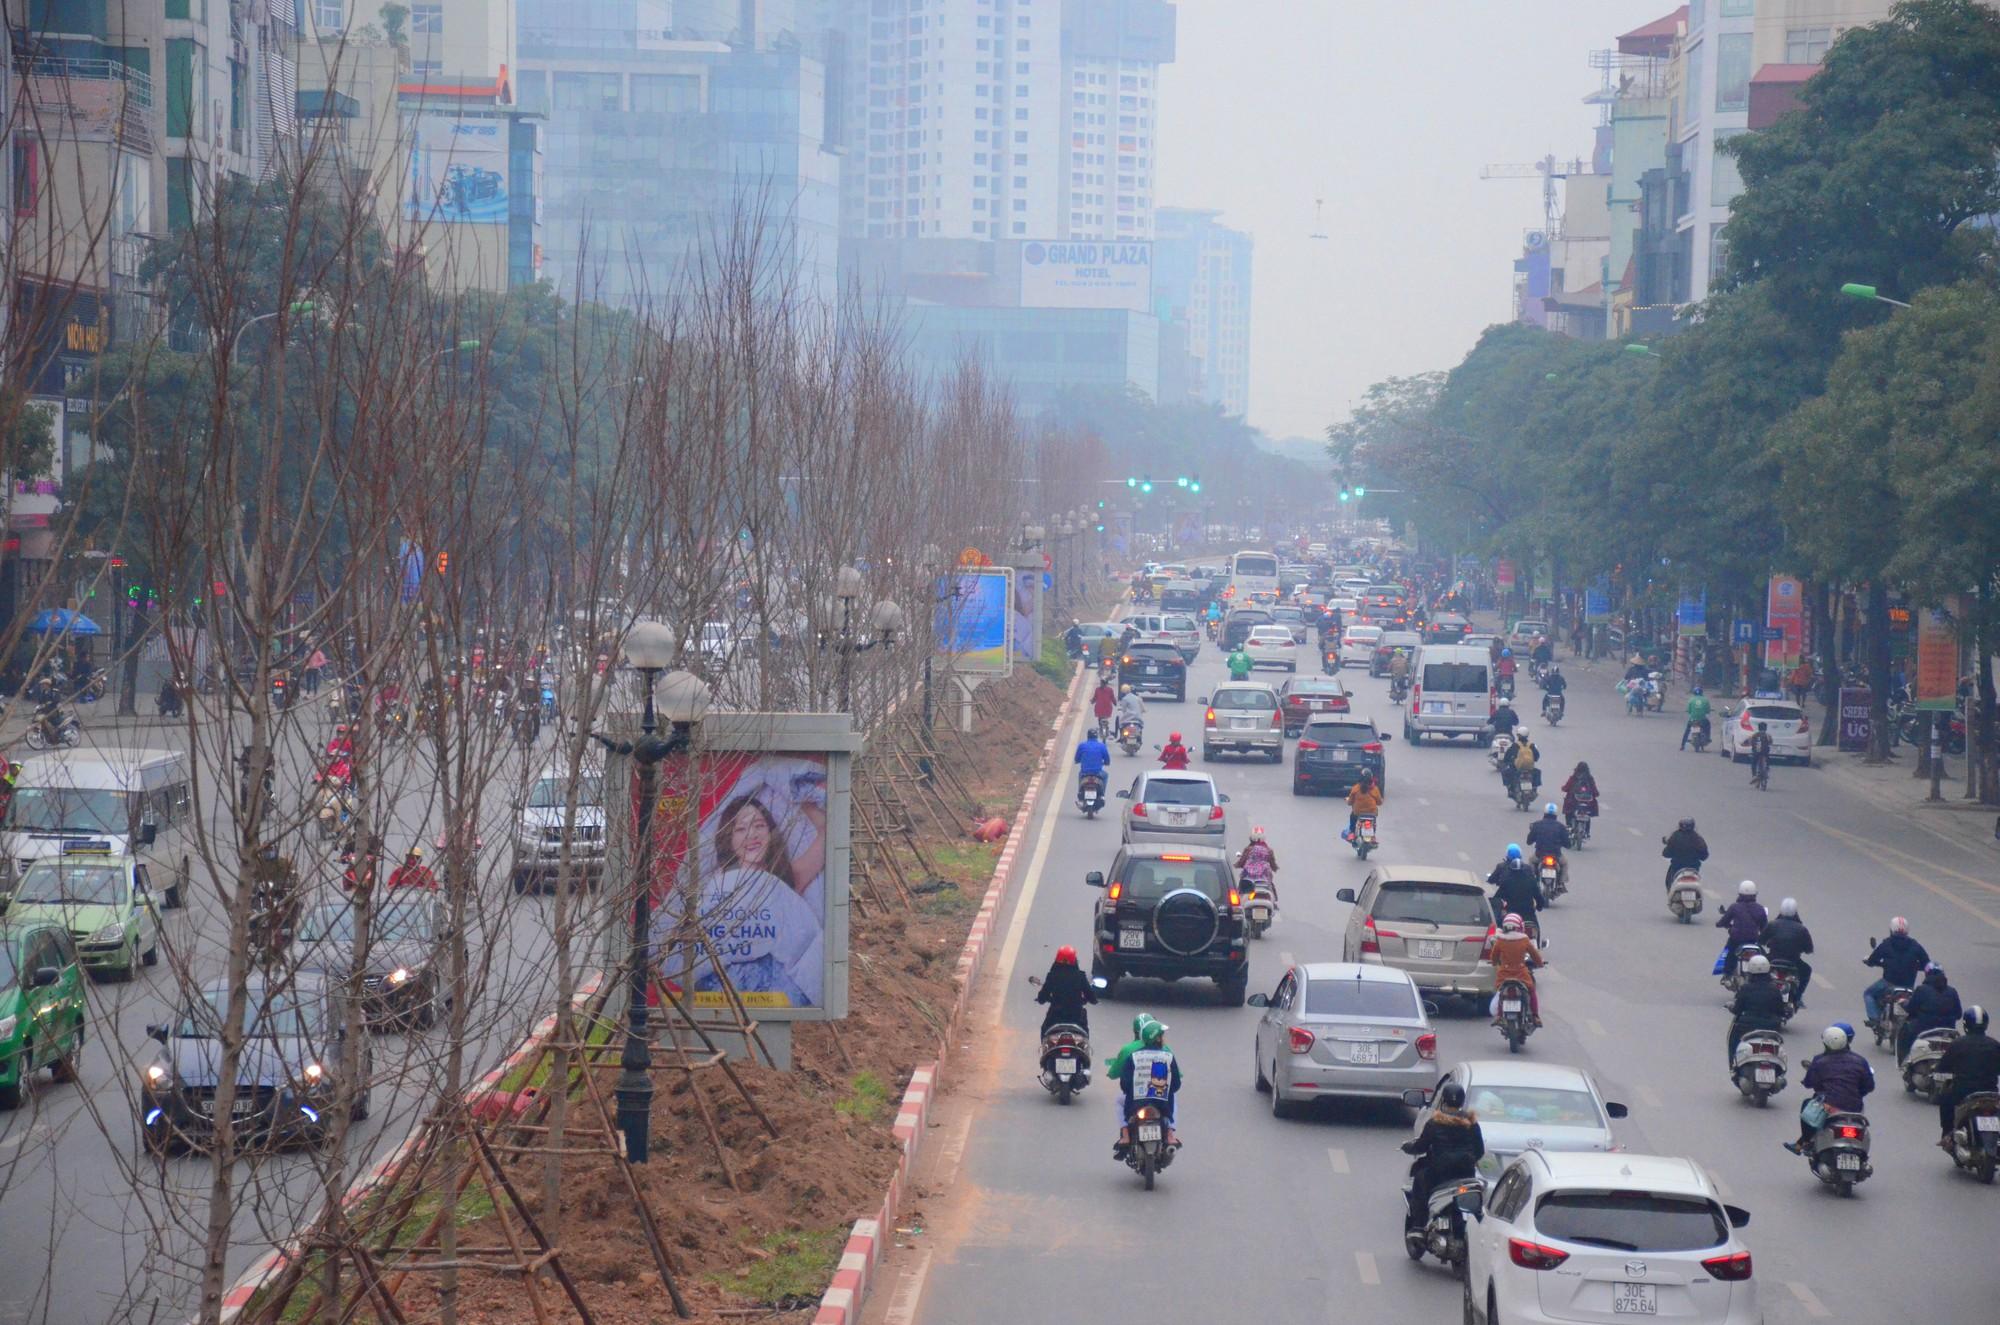 Chùm ảnh: Tận thấy hàng trăm cây phong lá đỏ mới được trồng trên phố Trần Duy Hưng ở Hà Nội - Ảnh 8.